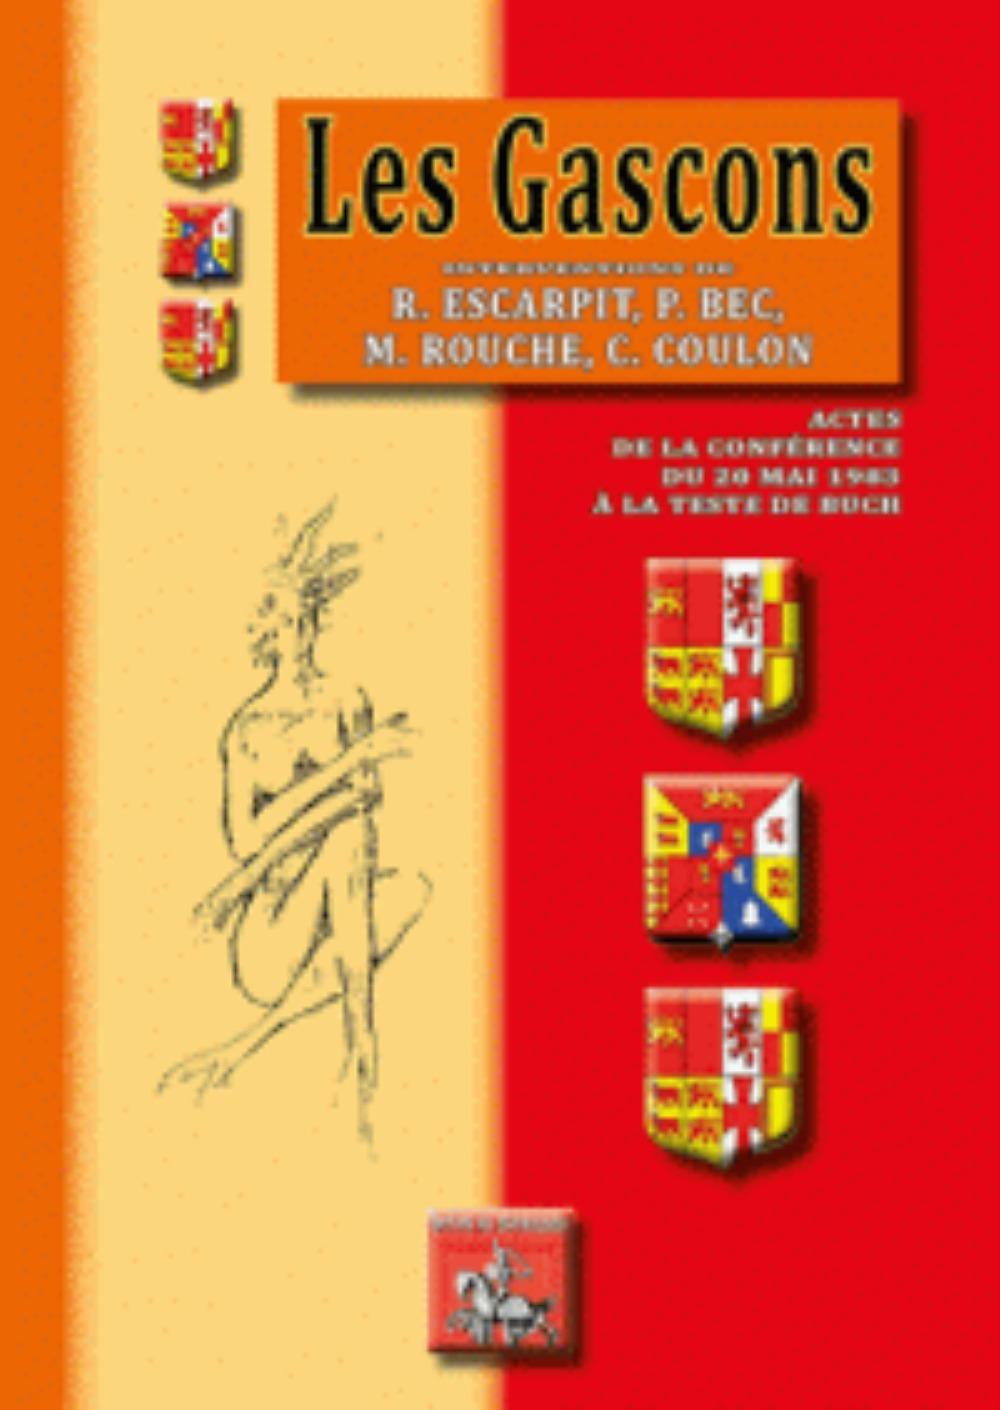 LES GASCONS, INTERVENTIONS DE R. ESCARPIT, P. BEC, M. ROUCHE, C. COULON